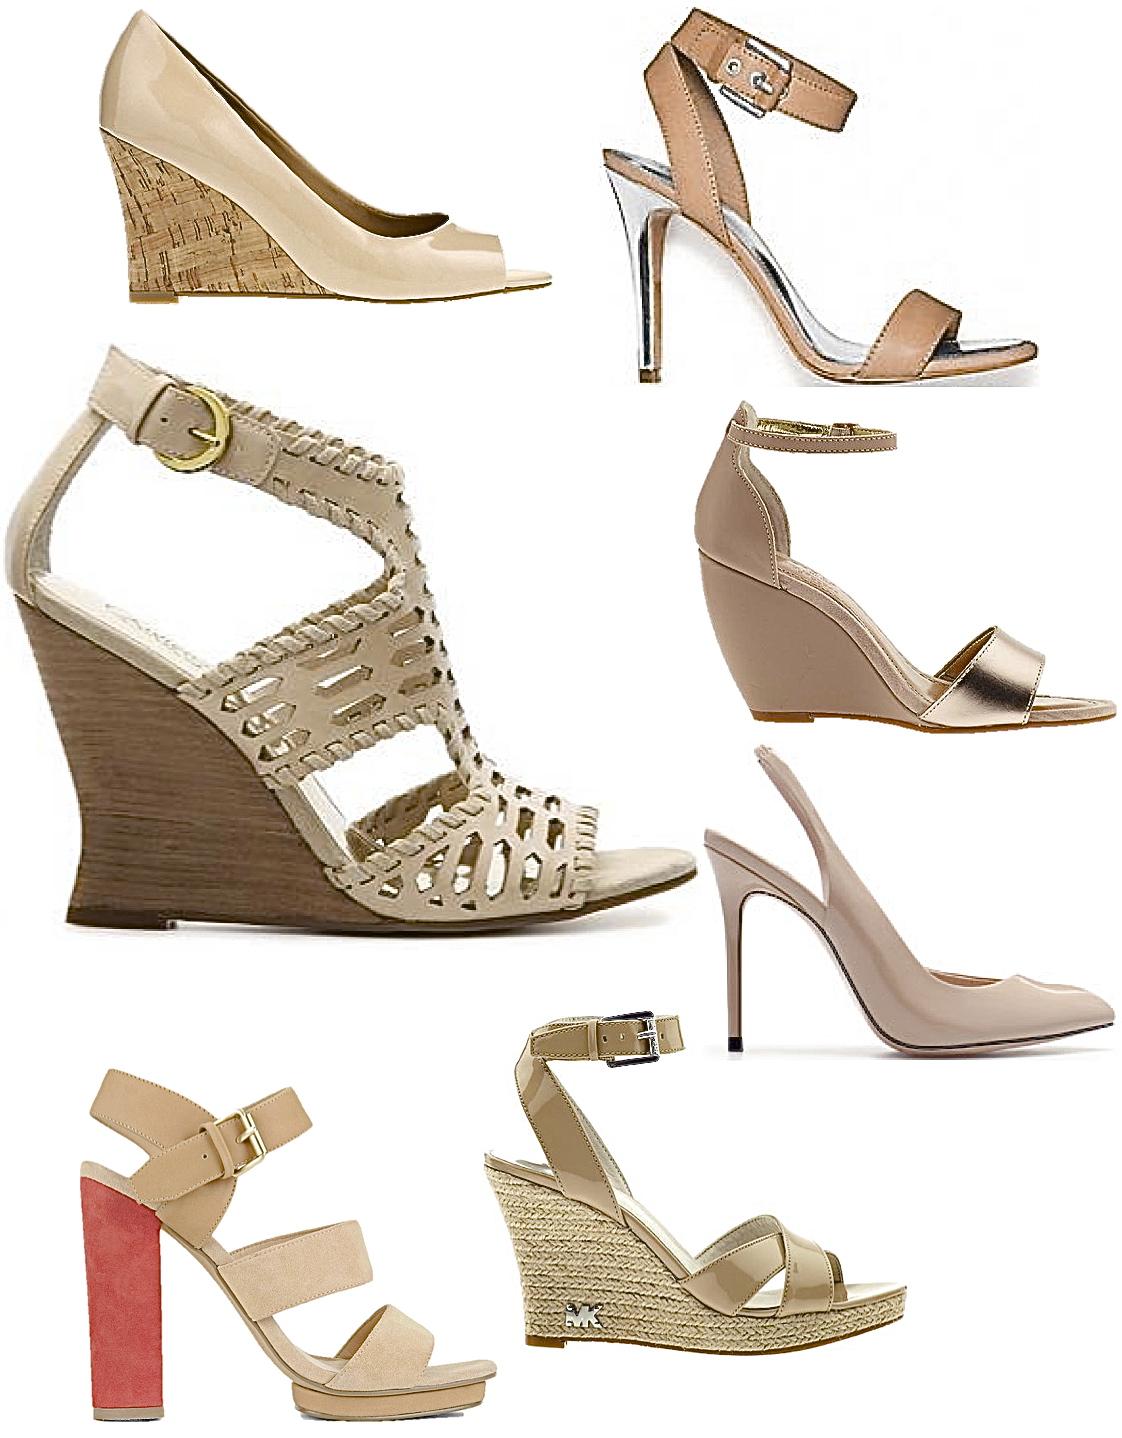 nude heels and wedges.jpg